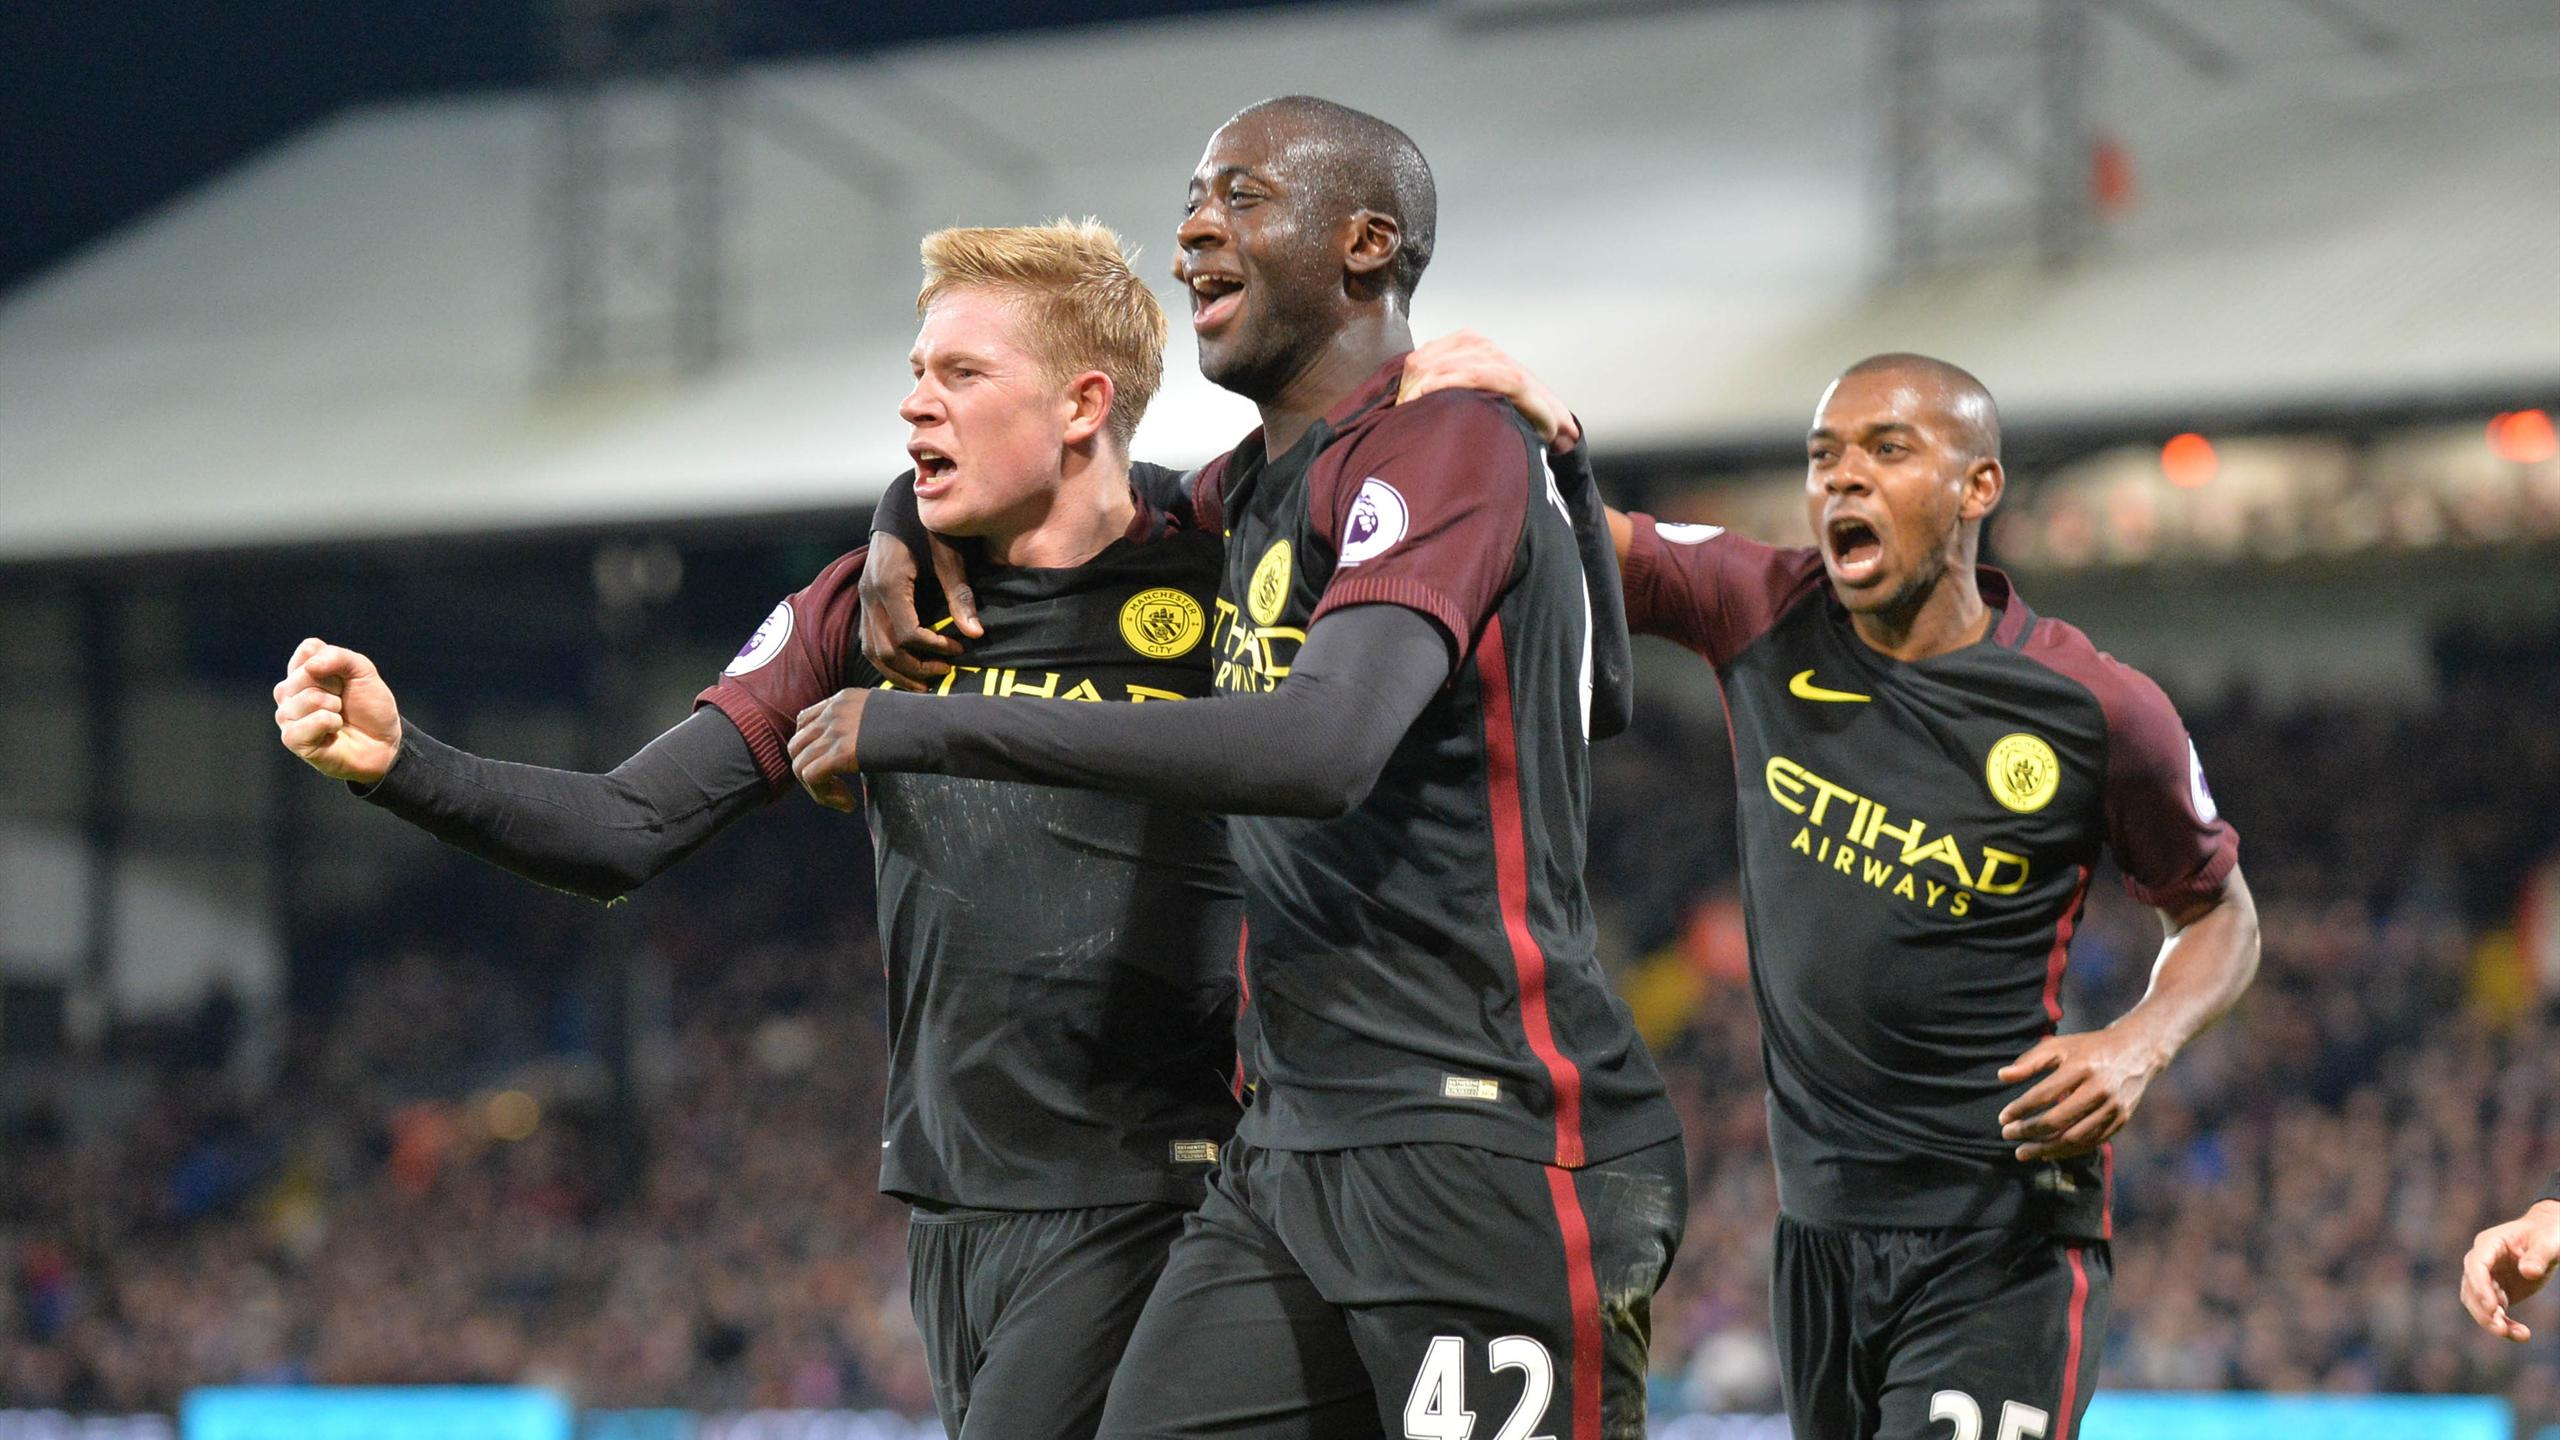 Manchester City's Ivorian midfielder Yaya Toure (C) celebrates with Manchester City's Belgian midfielder Kevin De Bruyne